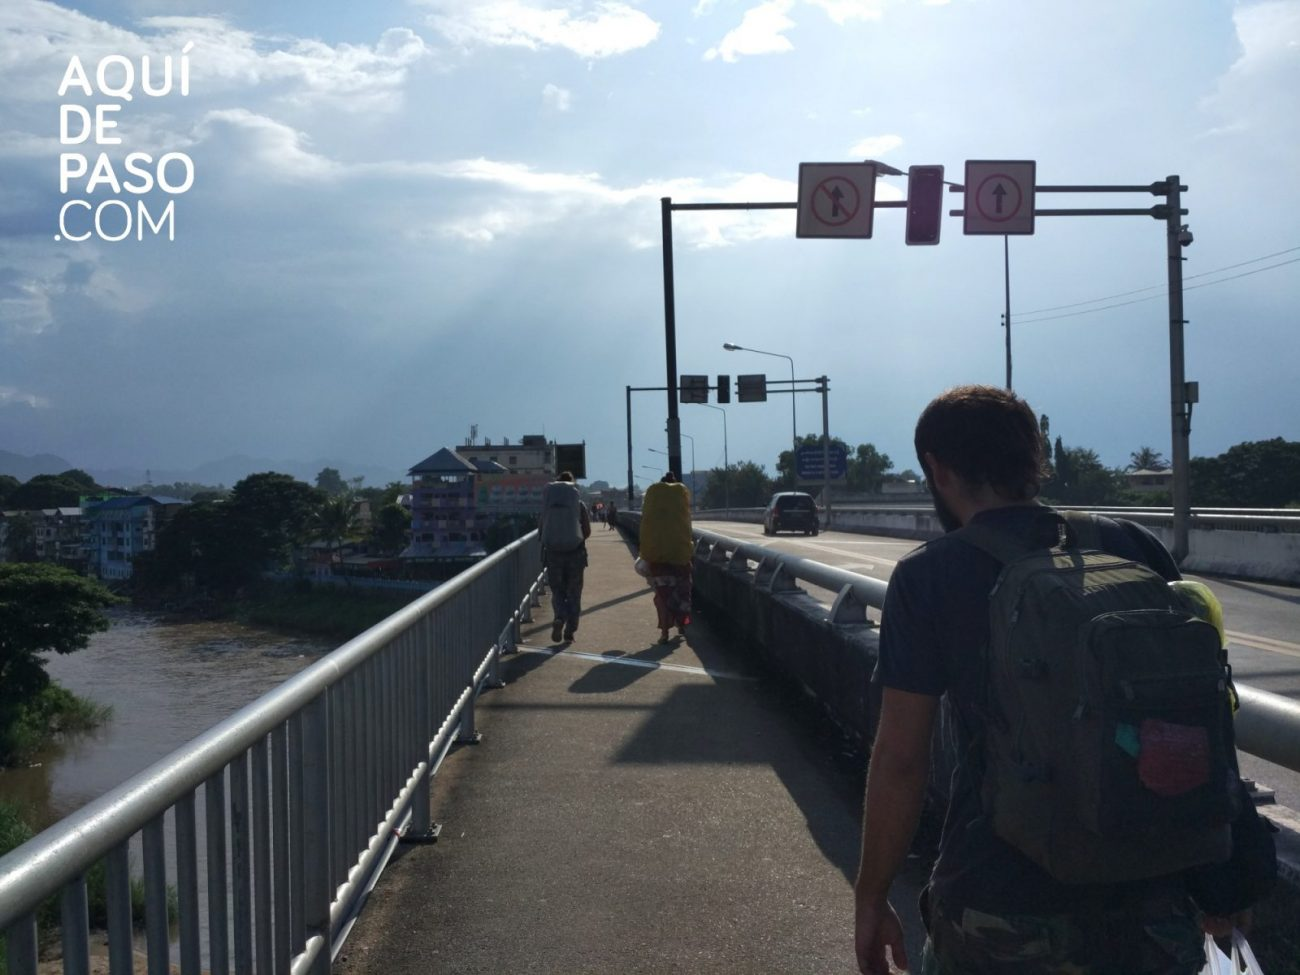 Puente Tailandia - Myanmar- Aquidepaso.com